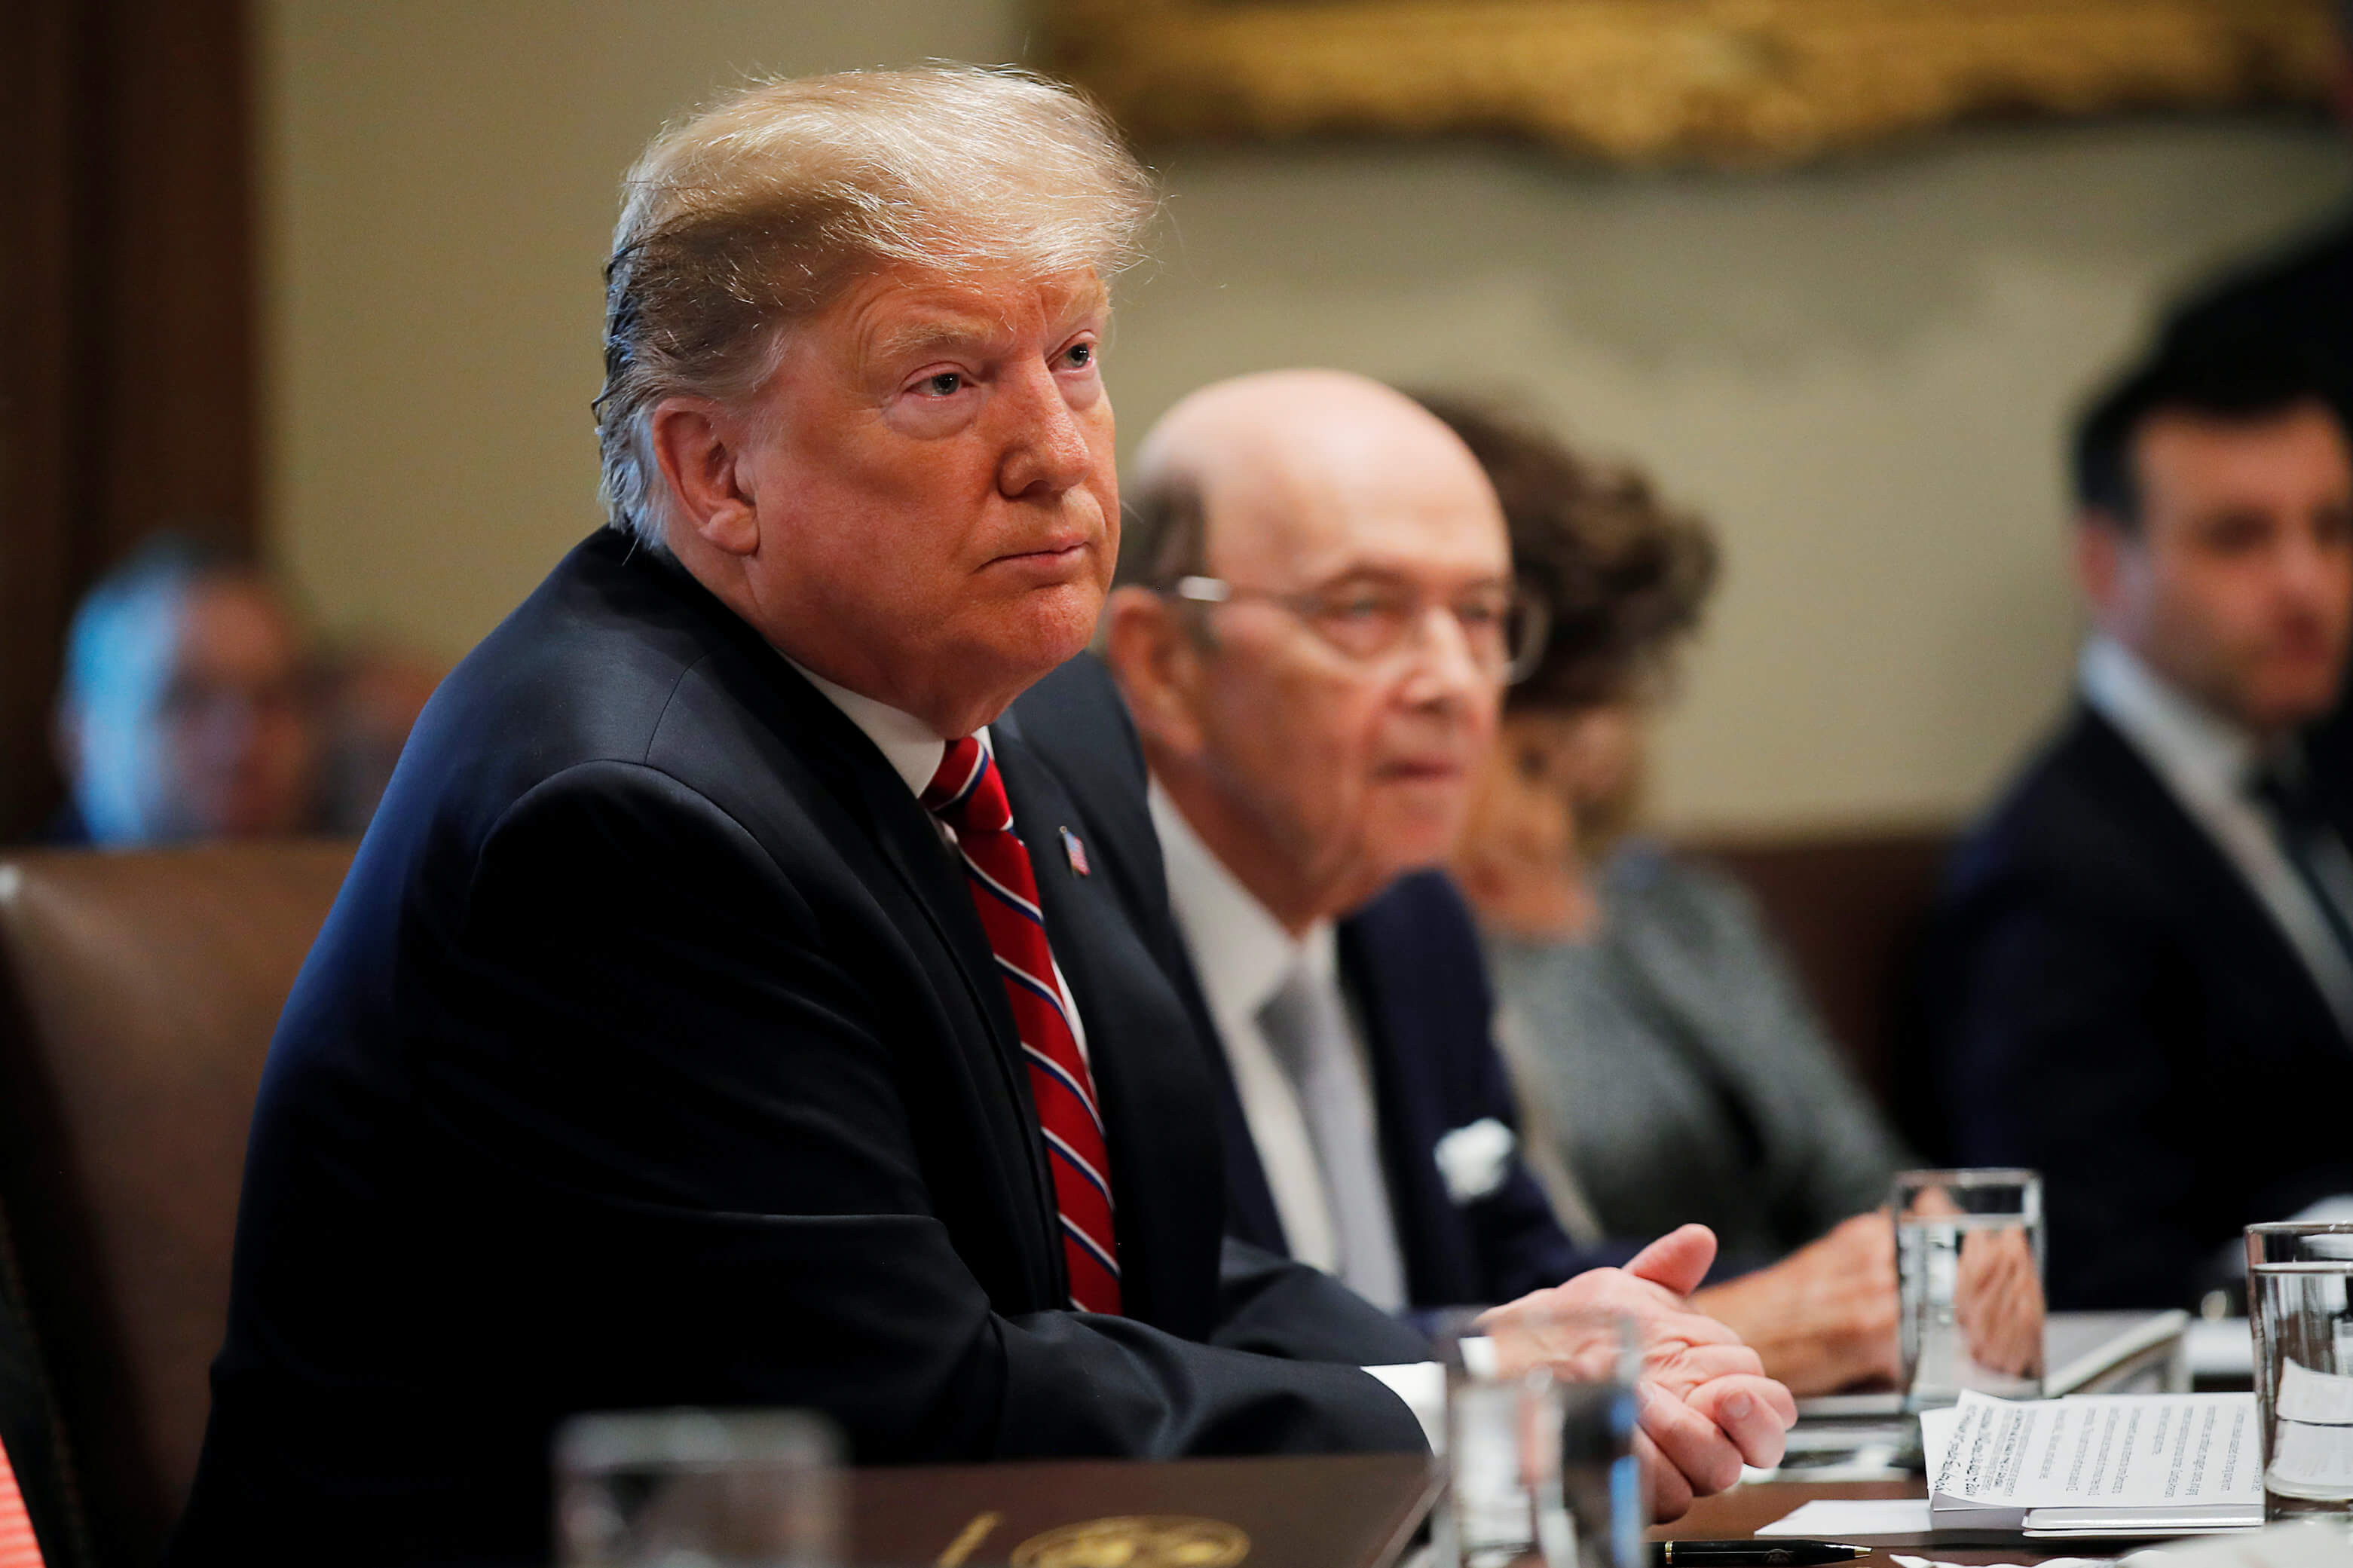 Απέτρεψαν στο… παρά 5' νέο shutdown στις ΗΠΑ – Οργή για την κατάσταση έκτακτης ανάγκης που θα κηρύξει ο Τραμπ